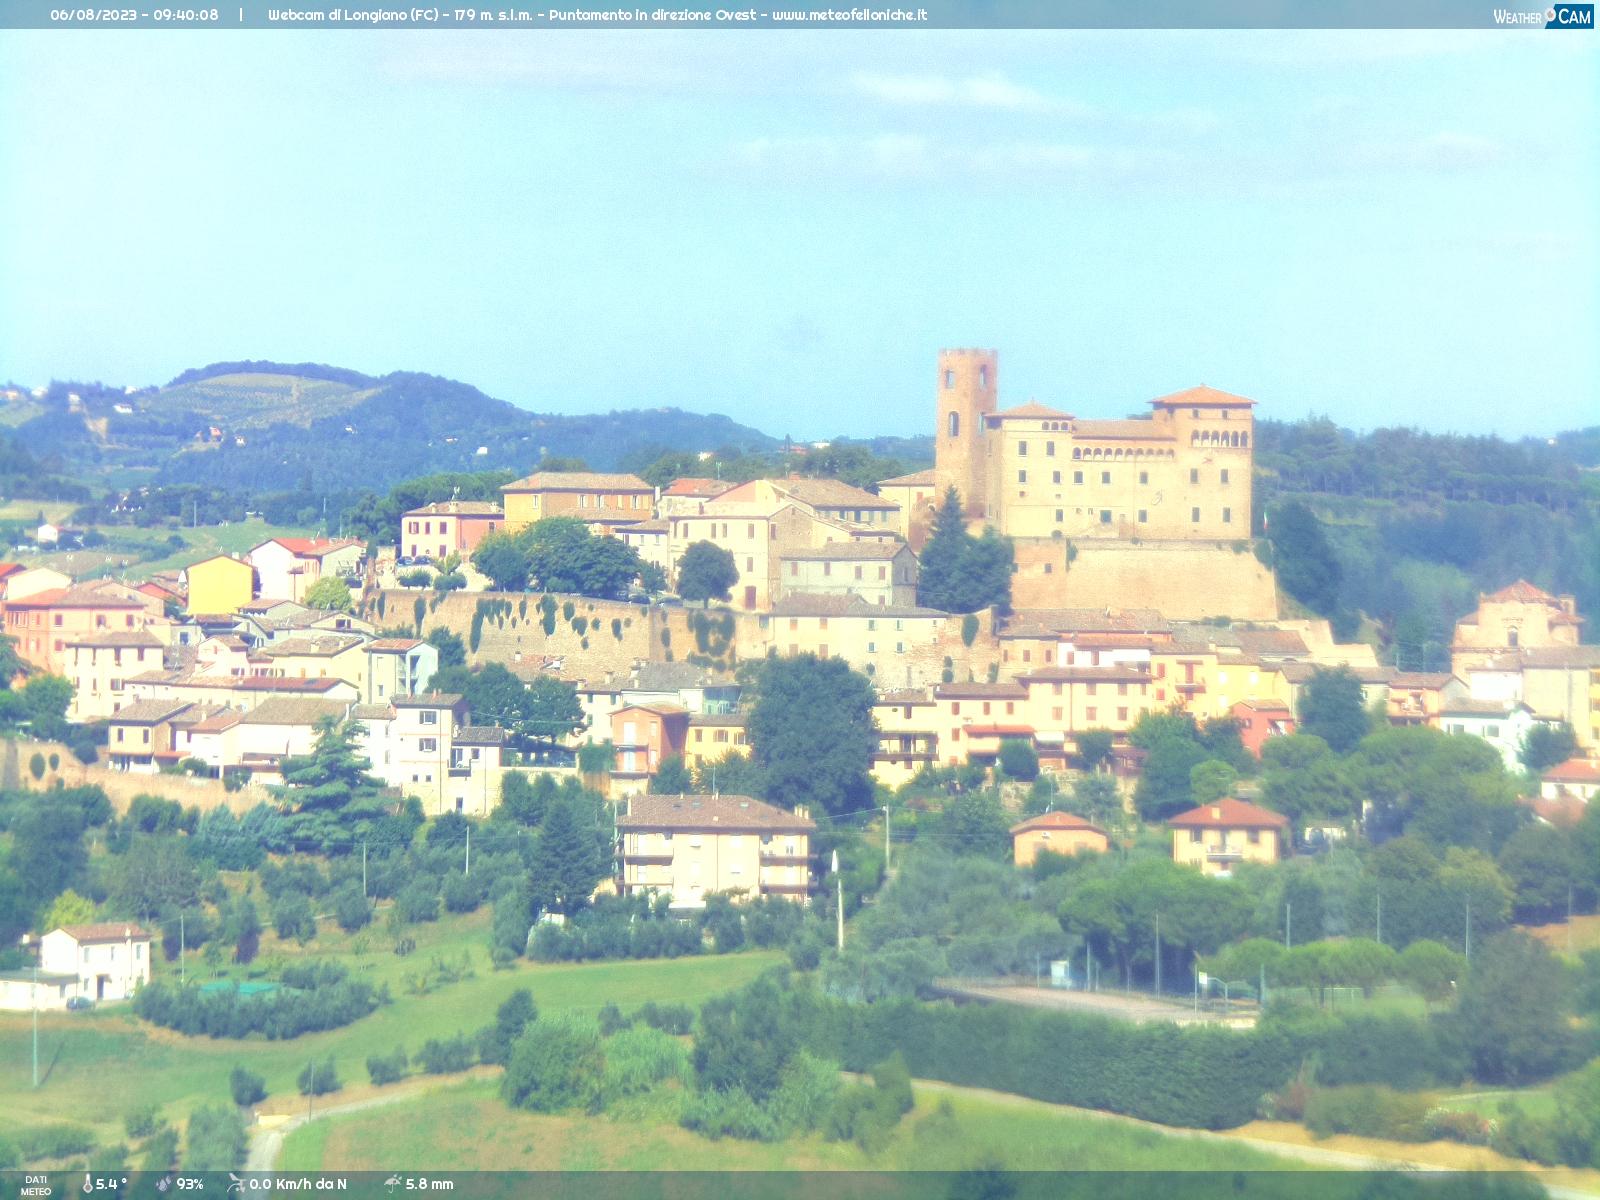 webcam Longiano